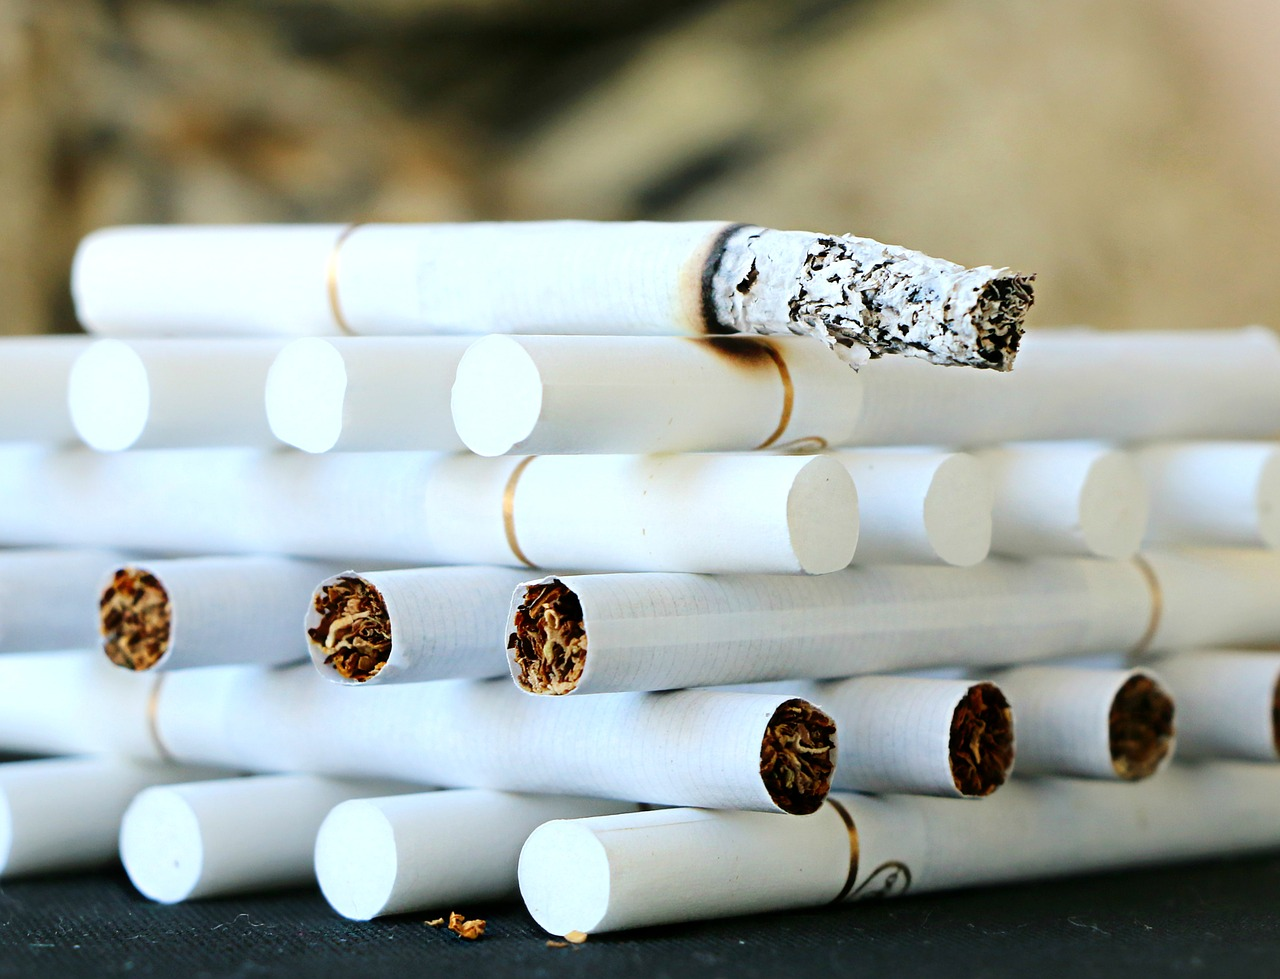 cigarette-1642232_1280.jpg